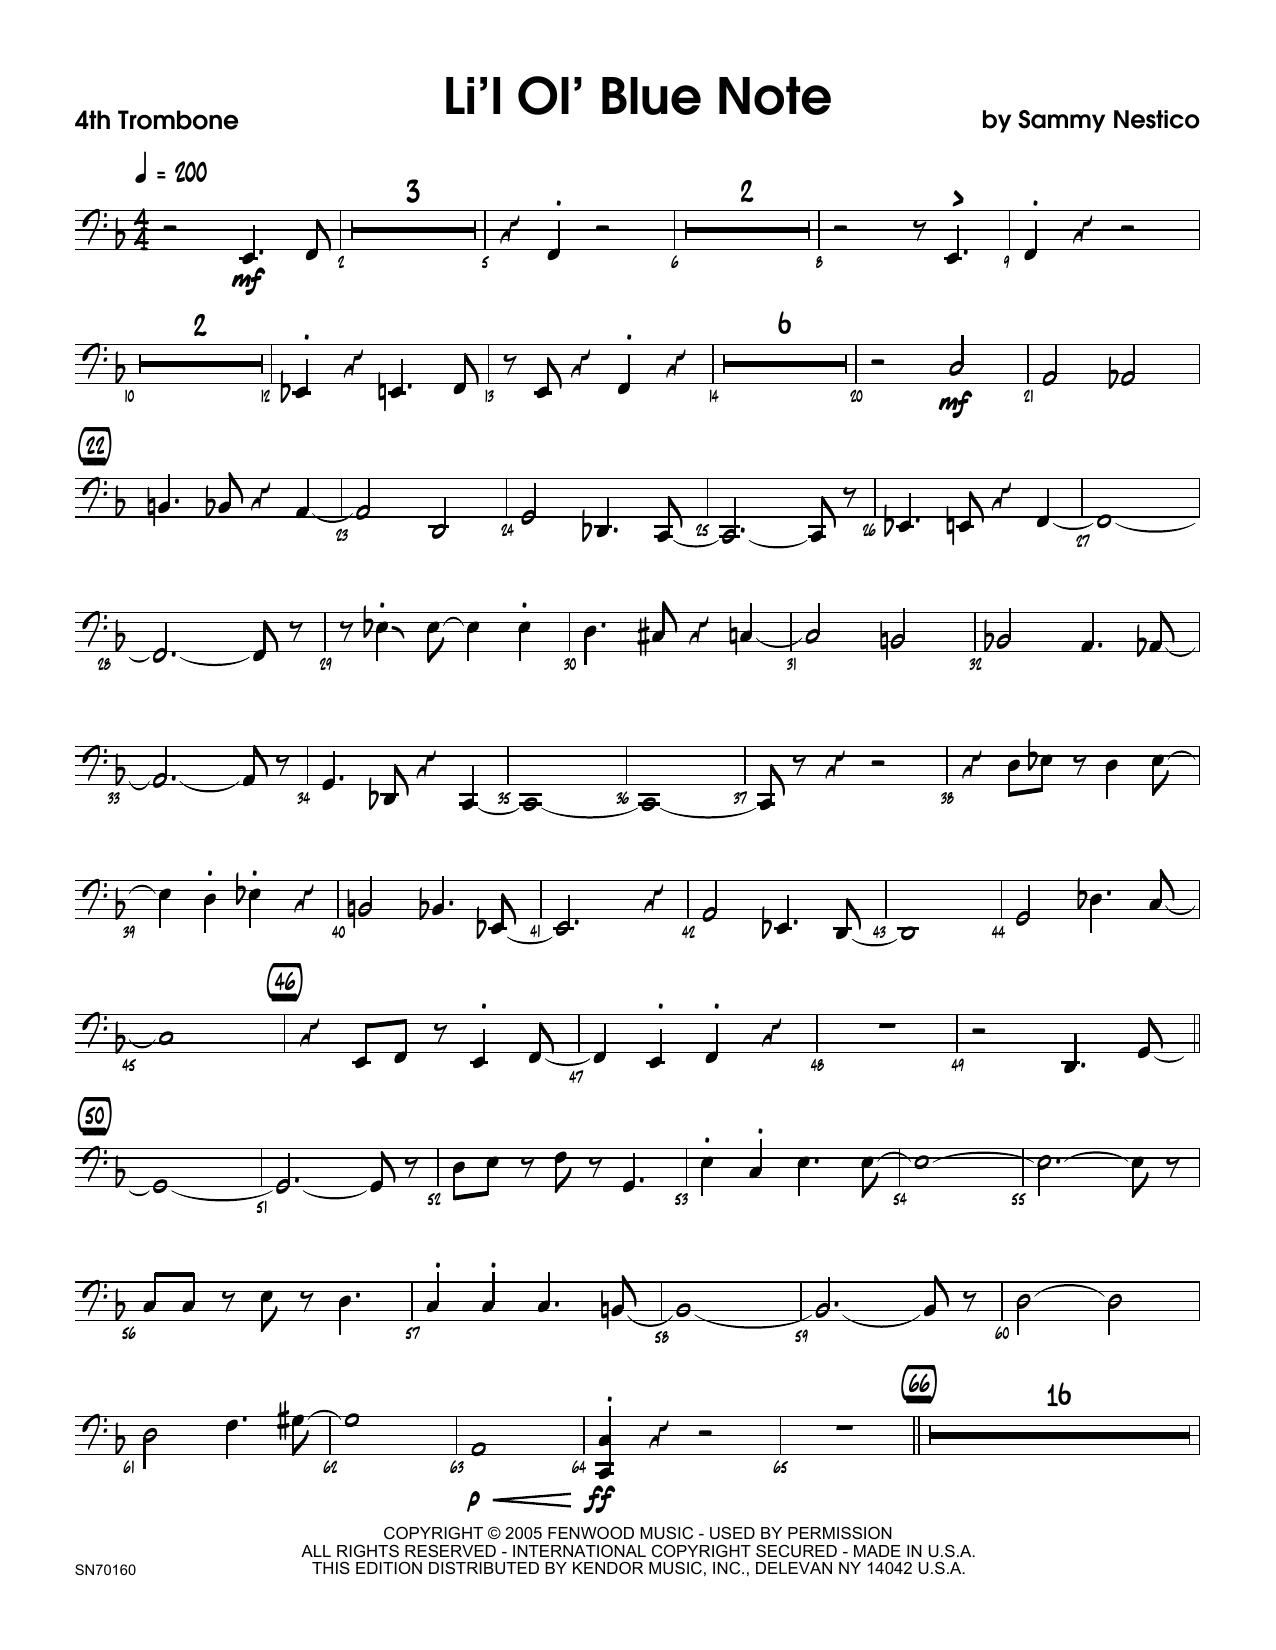 Li'l Ol' Blue Note - 4th Trombone Sheet Music